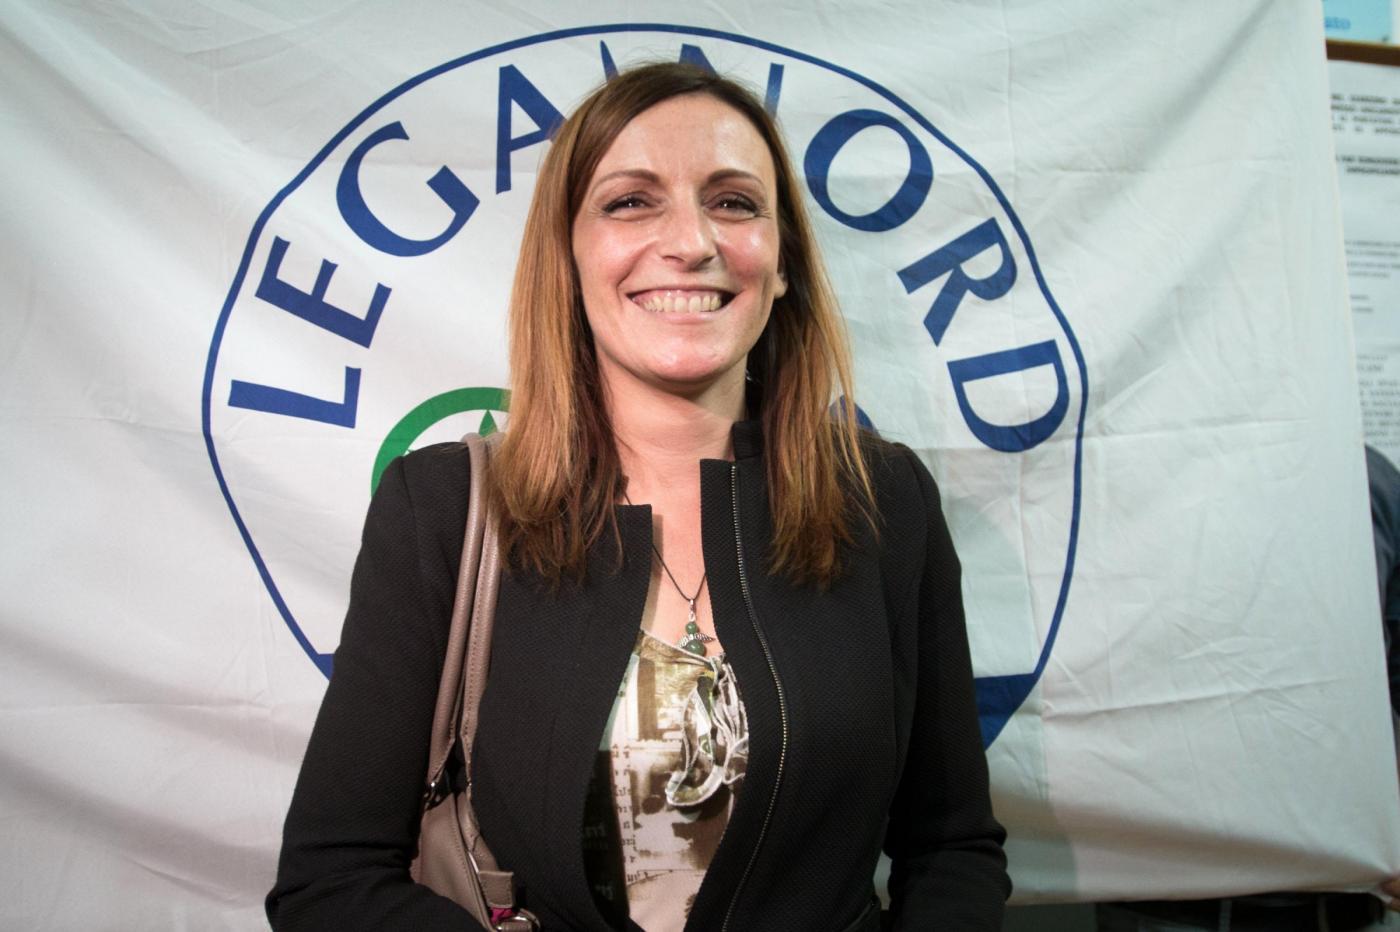 Ballottaggio Bologna, il programma elettorale di Lucia Borgonzoni